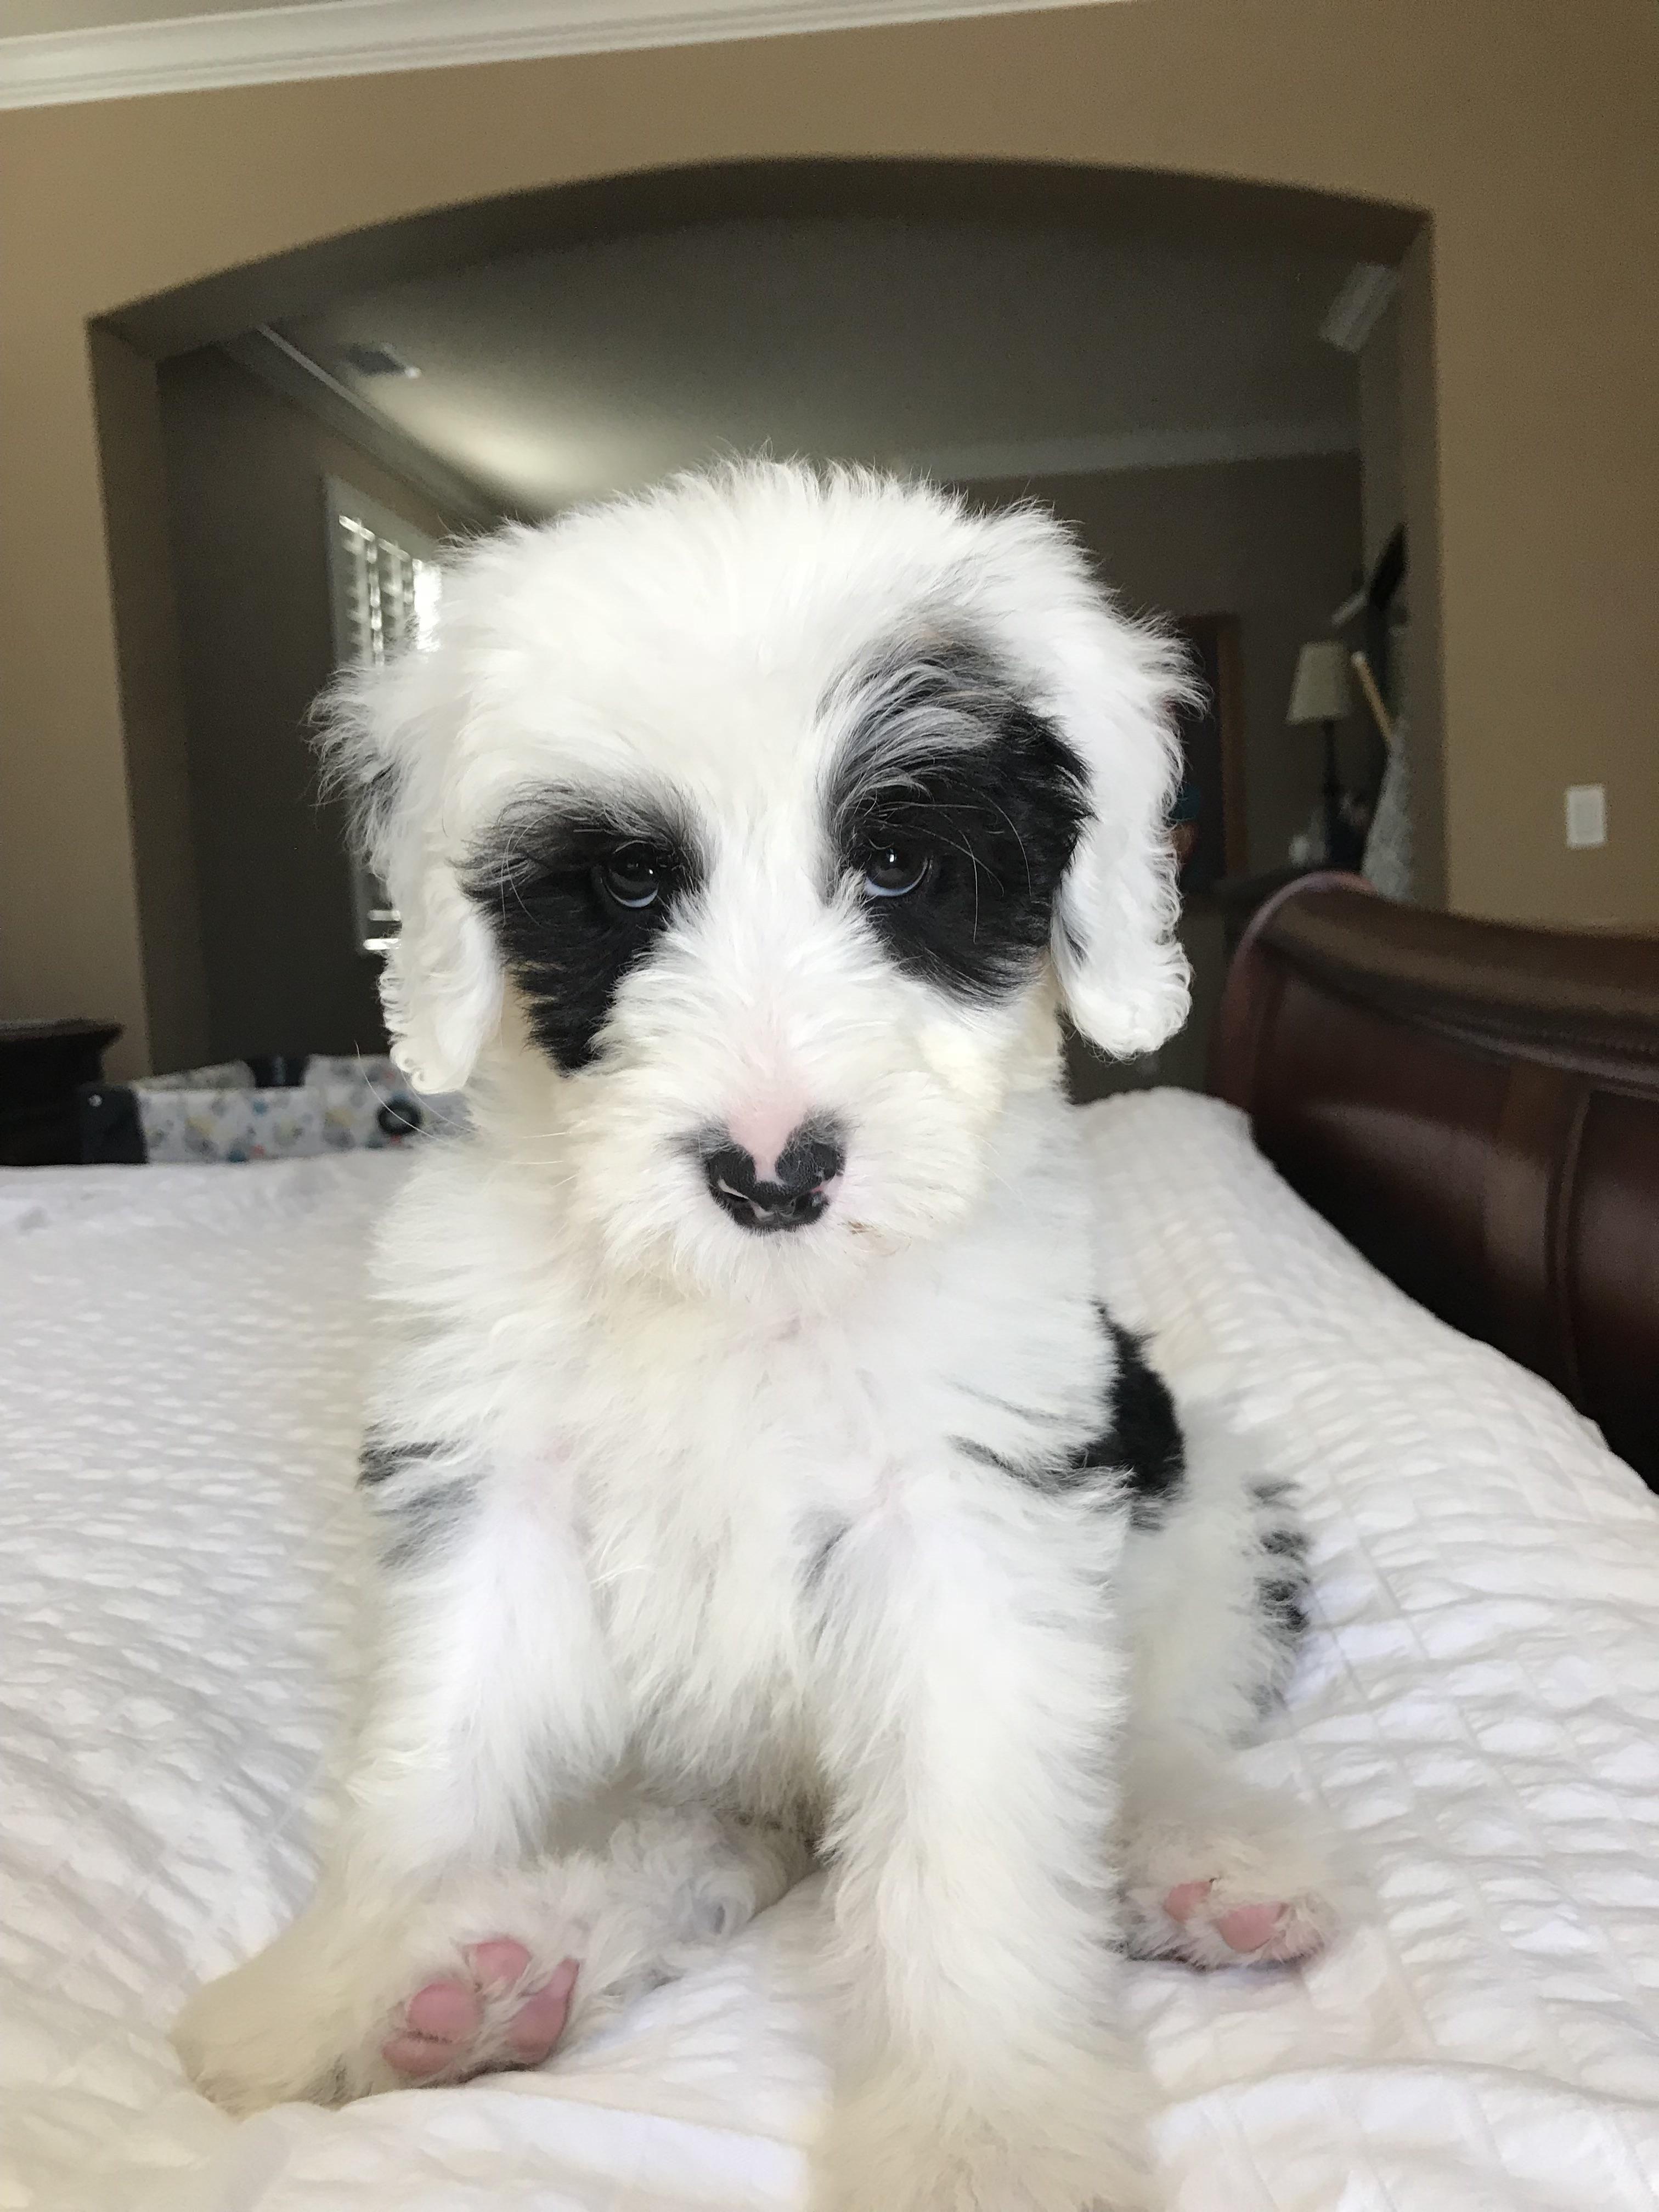 Reddit Meet Bowie The Sheepadoodle Https Ift Tt 2txvbmm Cute